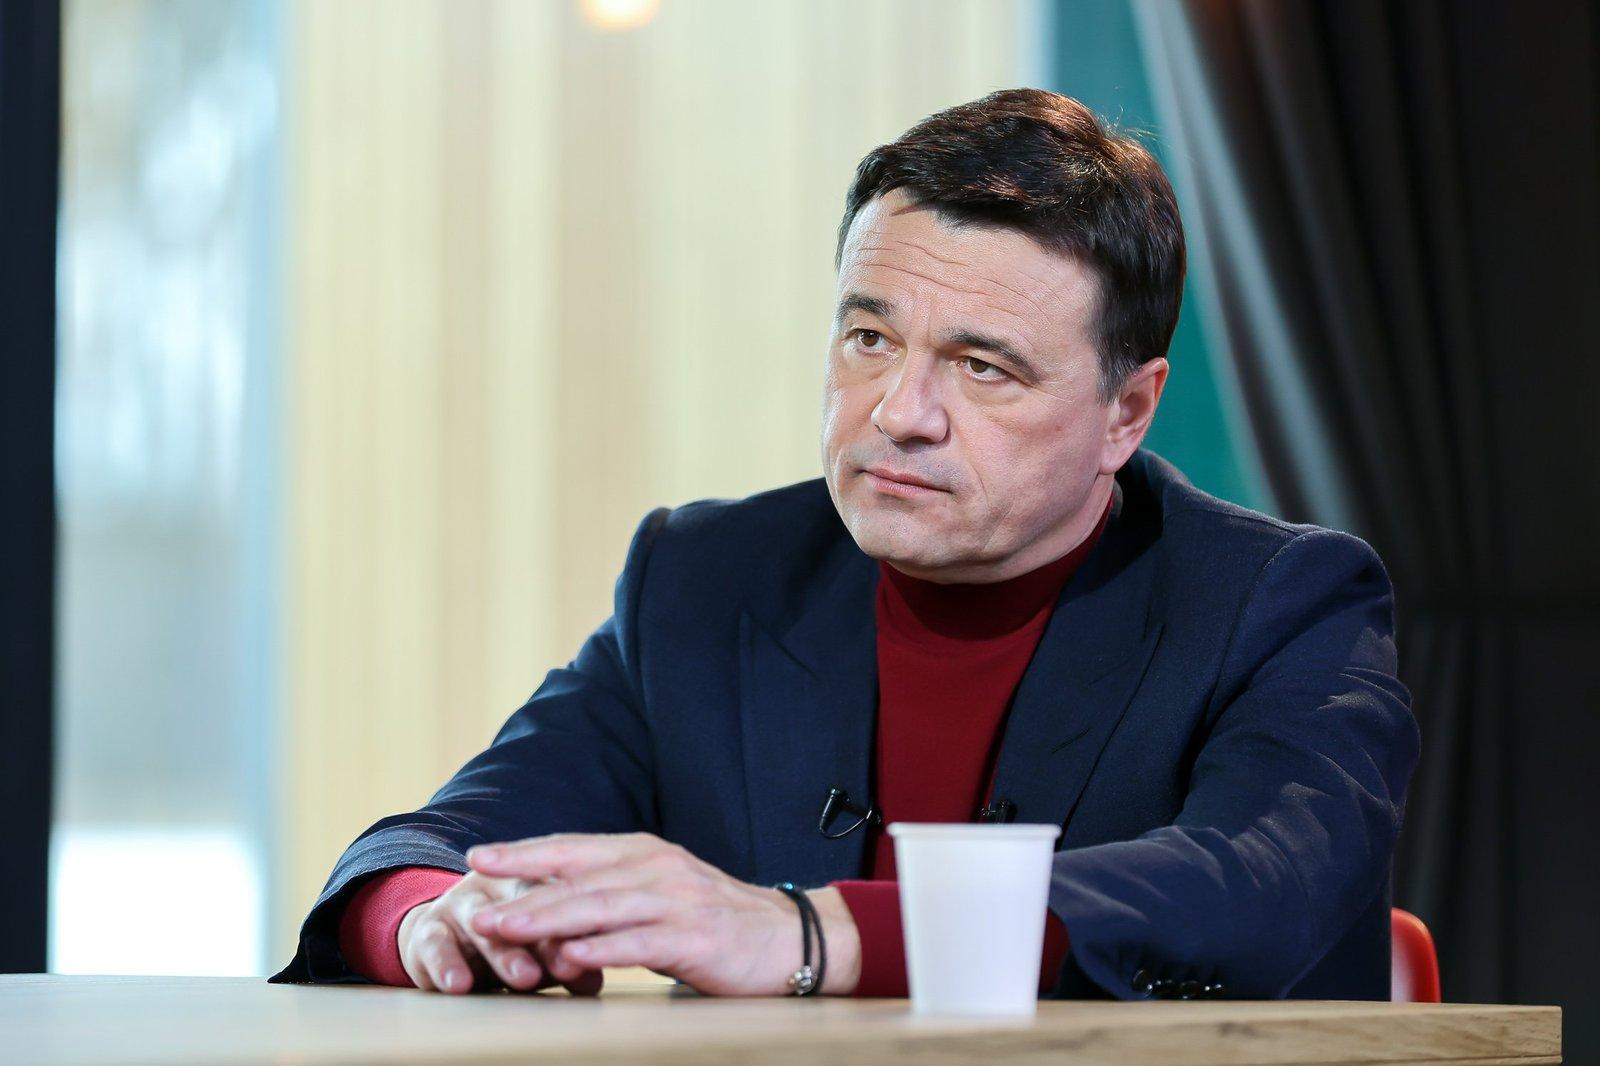 Андрей Воробьев губернатор московской области - Этика, больница, ЦКАД и тик-ток: прямой разговор о самом важном